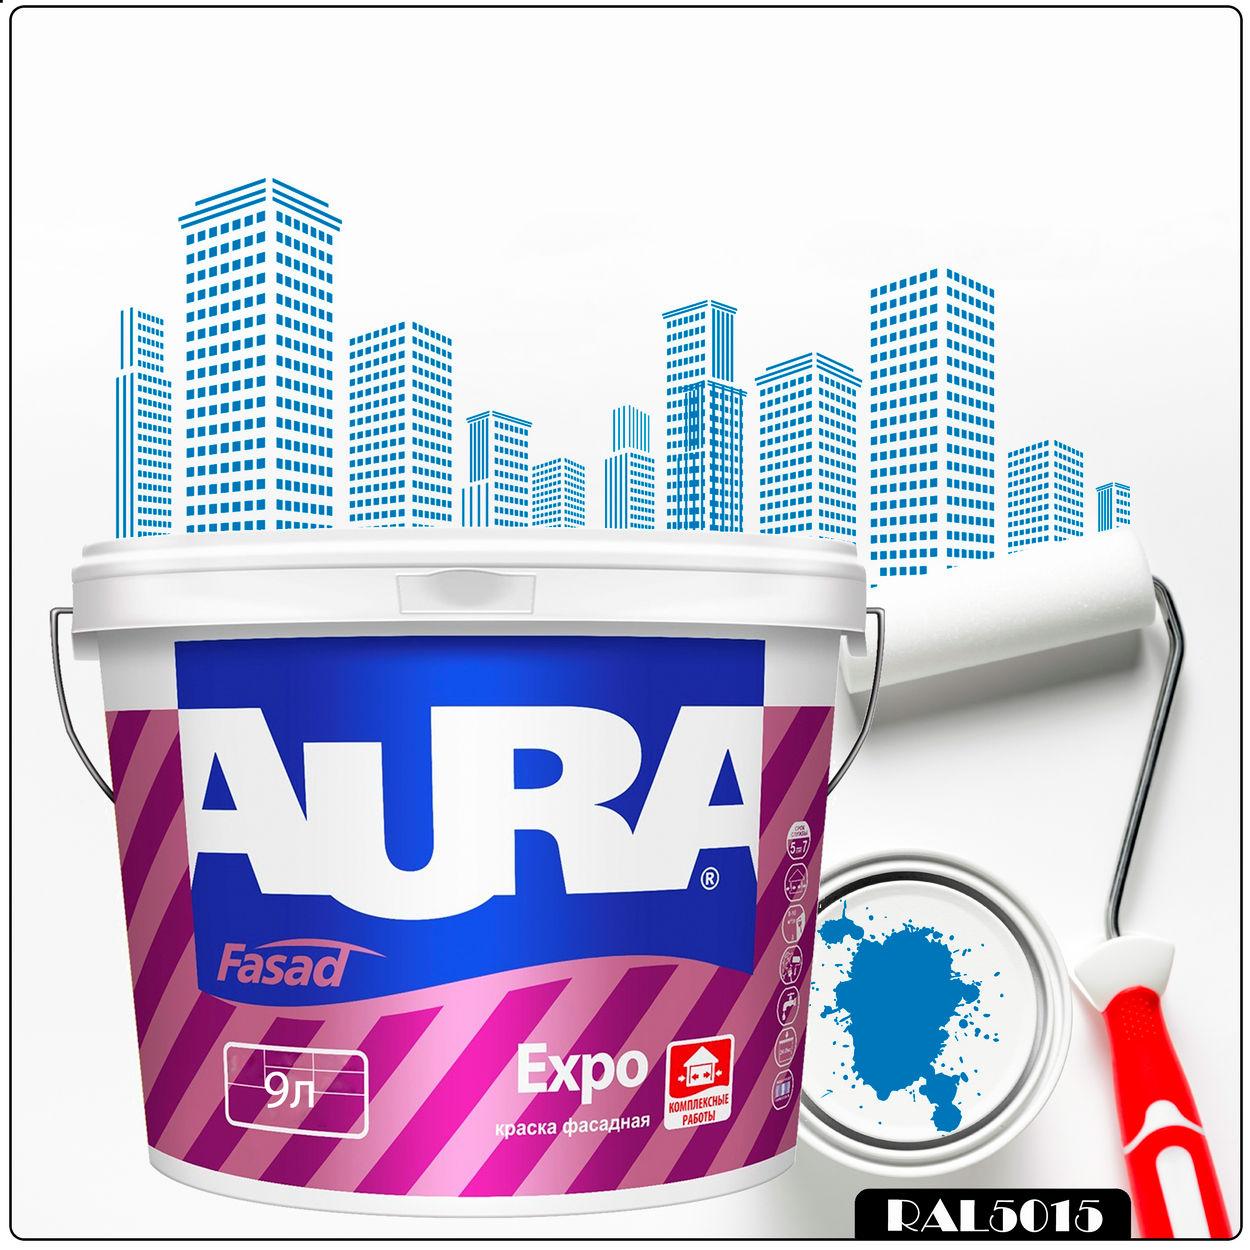 Фото 15 - Краска Aura Fasad Expo, RAL 5015 НЕБЕСНО-СИНИЙ, матовая, для фасадов и помещений с повышенной влажностью, 9л.